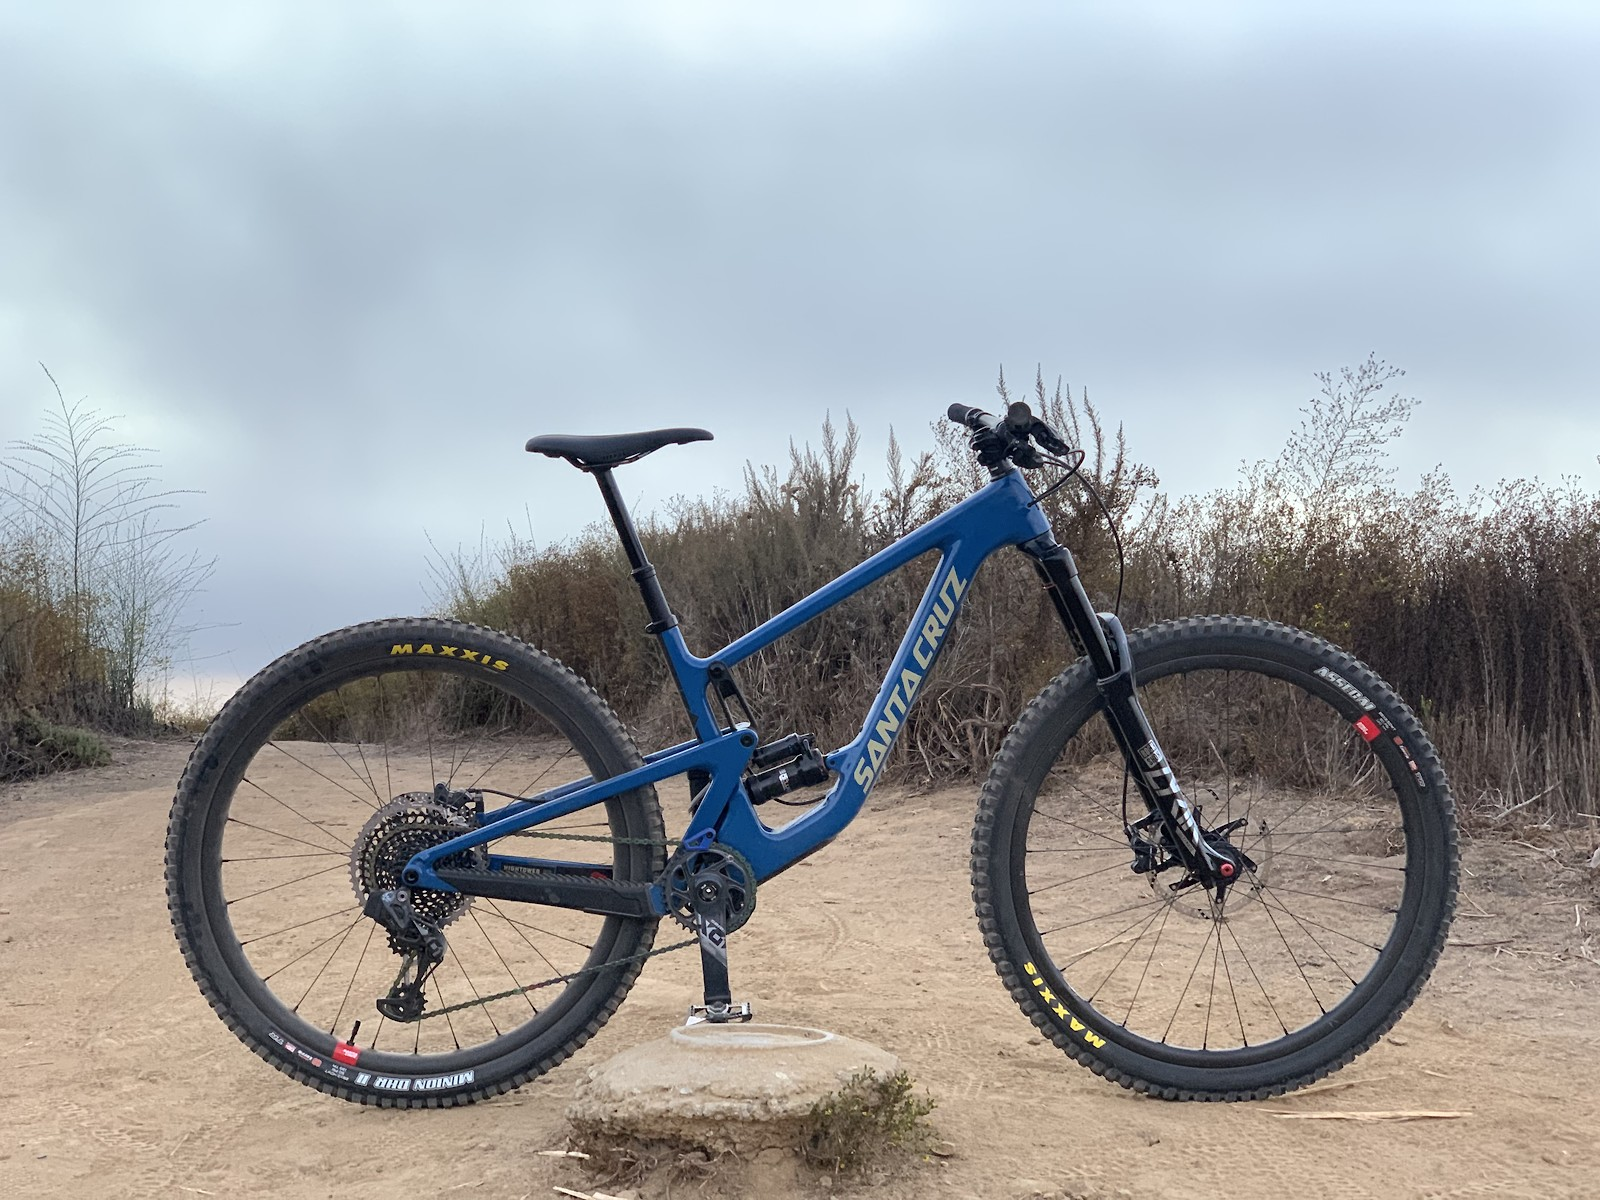 2020 Santa Cruz Hightower2 custom